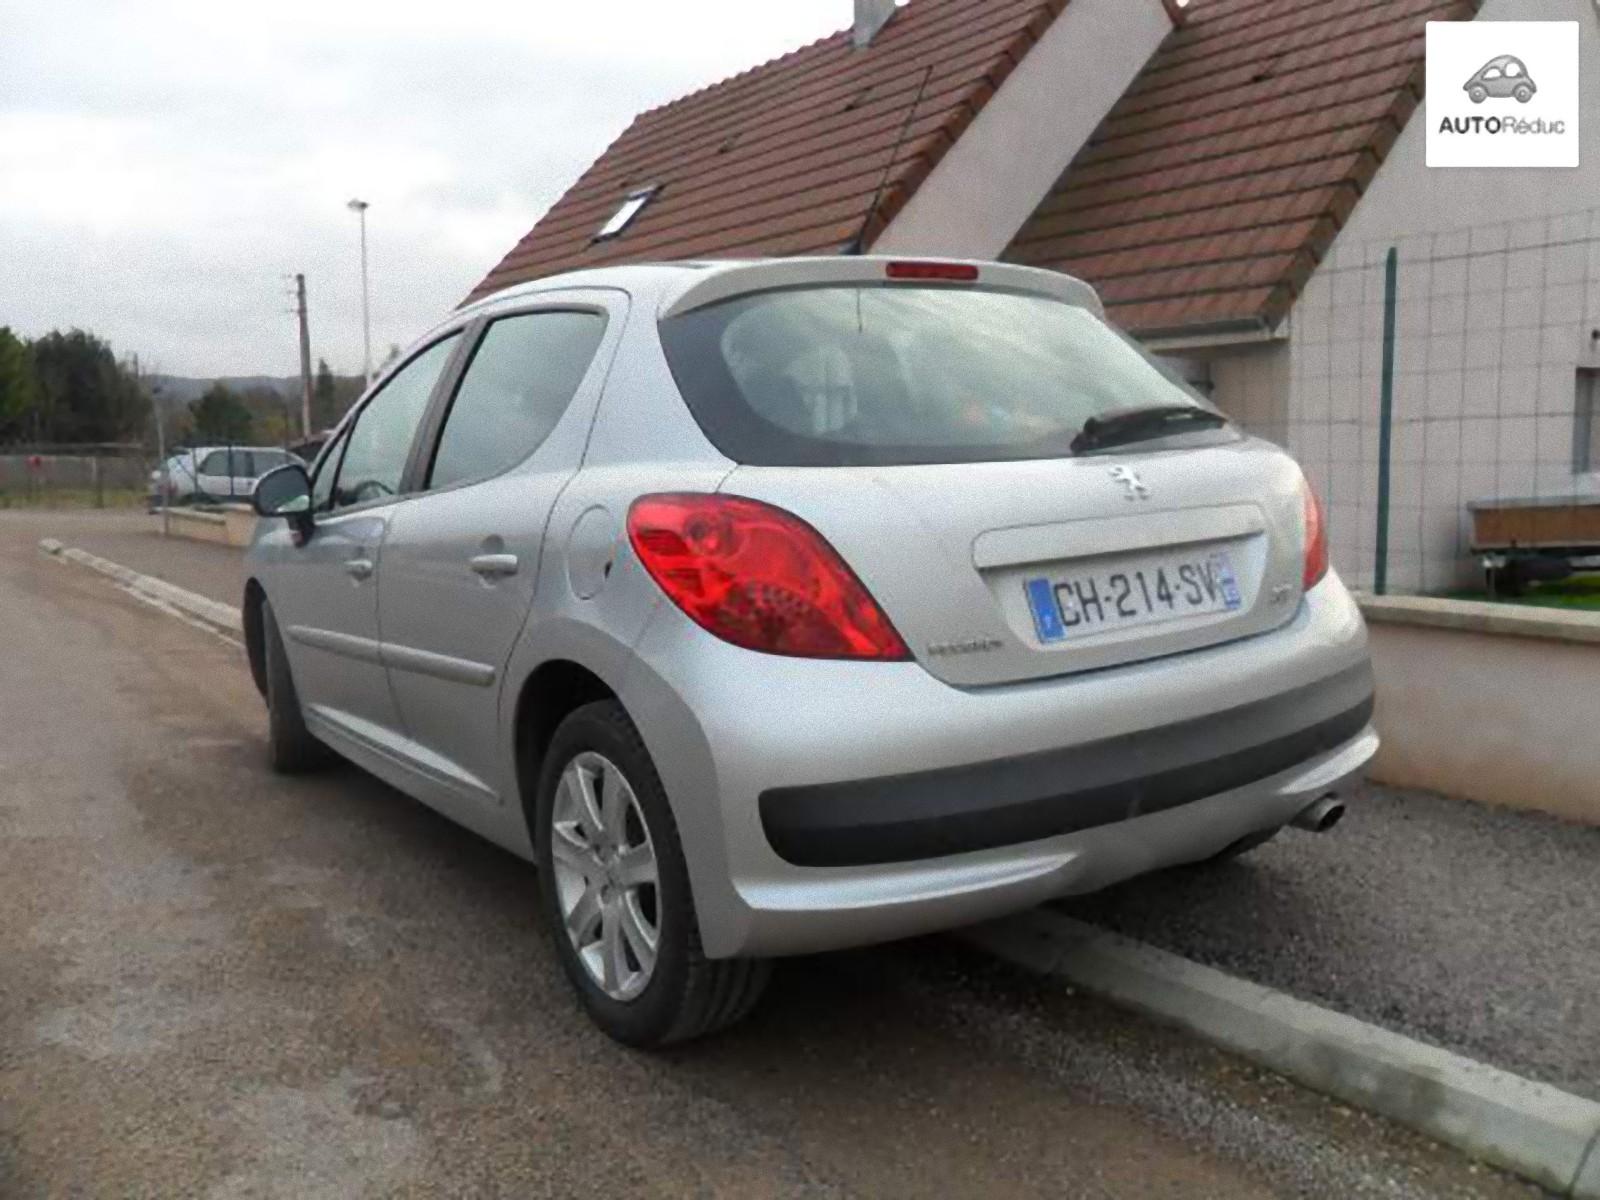 Achat peugeot 207 1 6 hdi 90 16v d 39 occasion pas cher 5 500 - Peugeot 207 5 portes occasion diesel pas cher ...